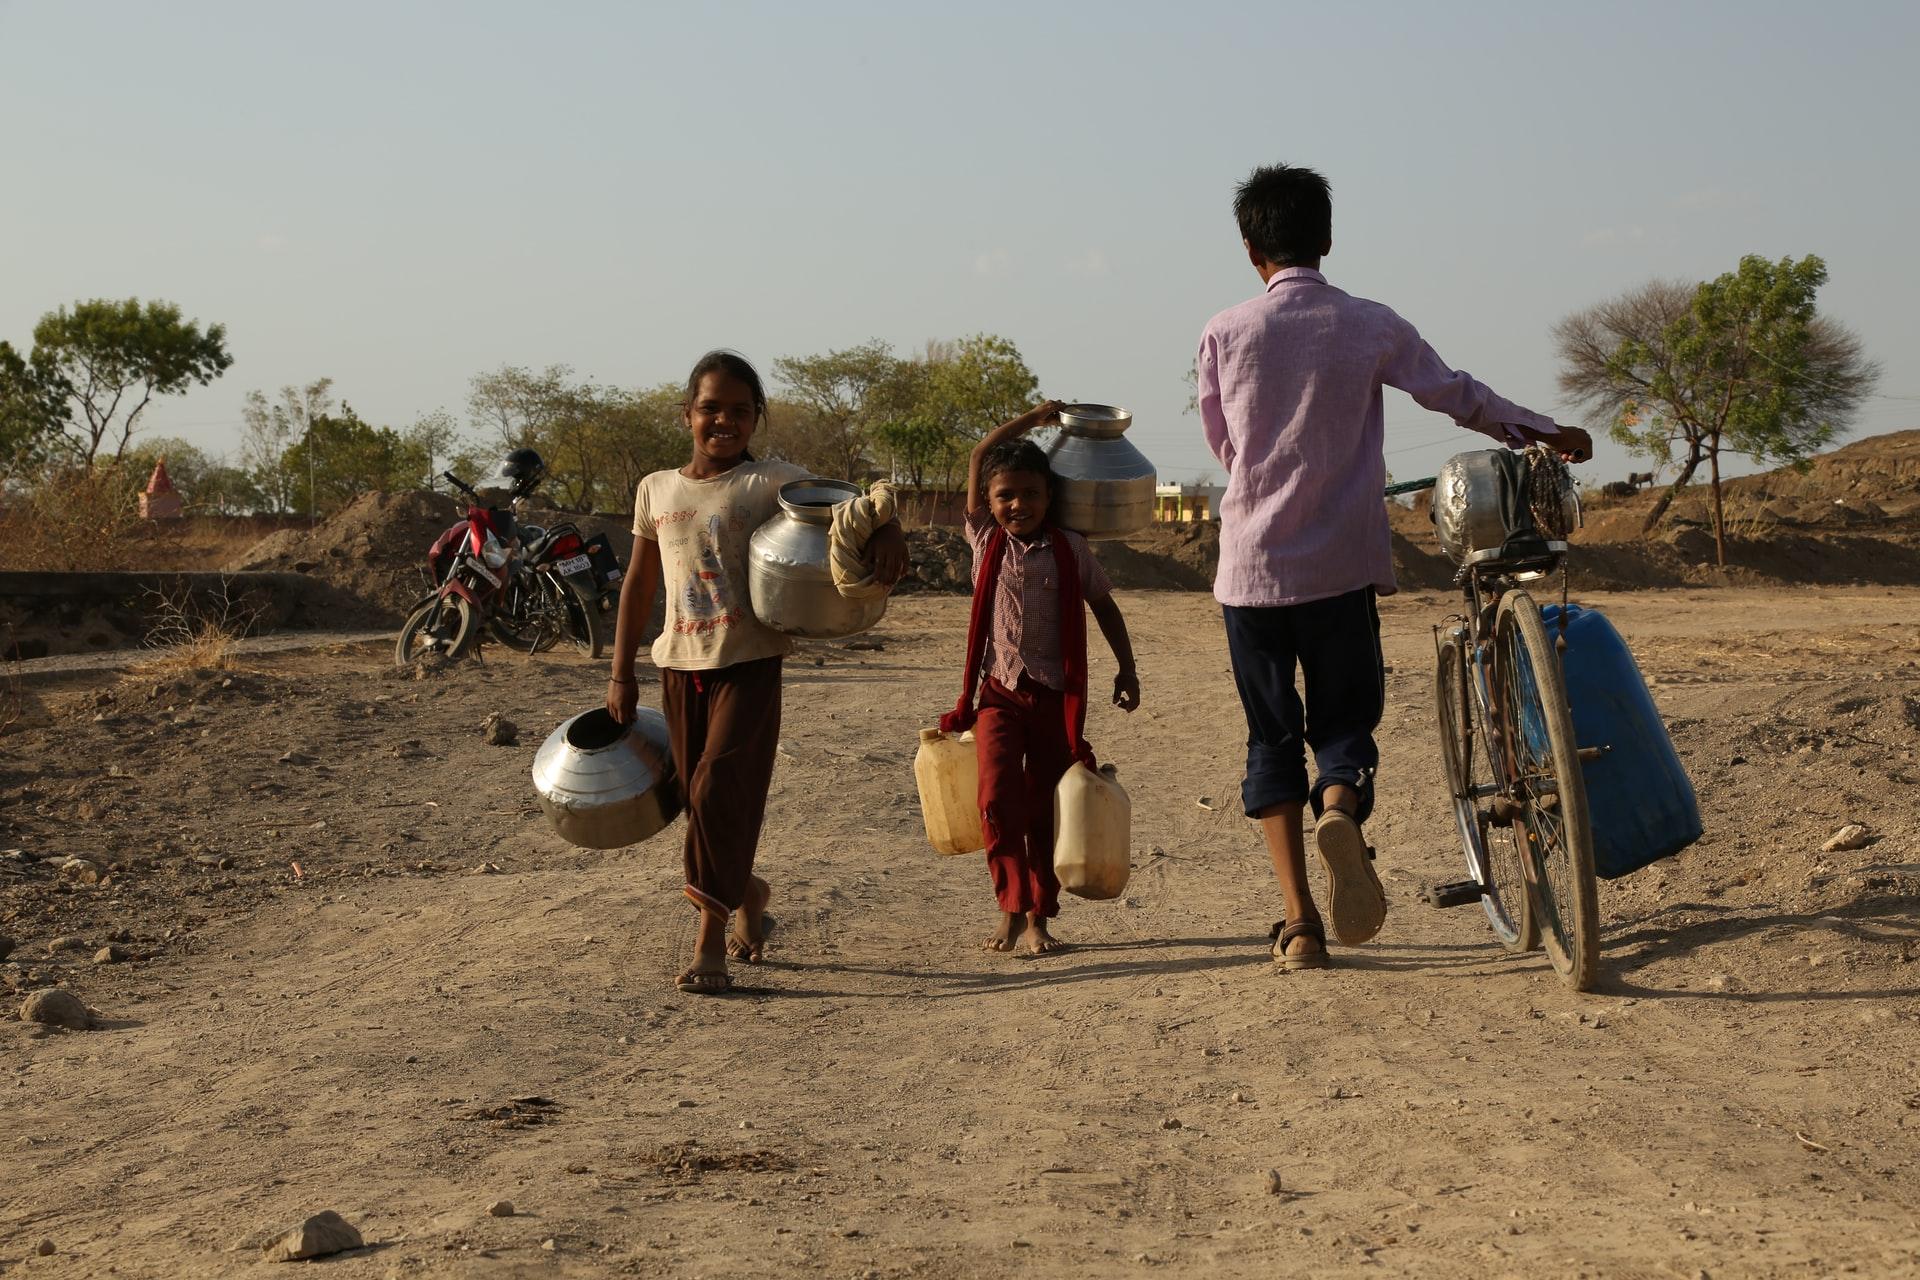 暮らしへの影響 飢餓と貧困、争い